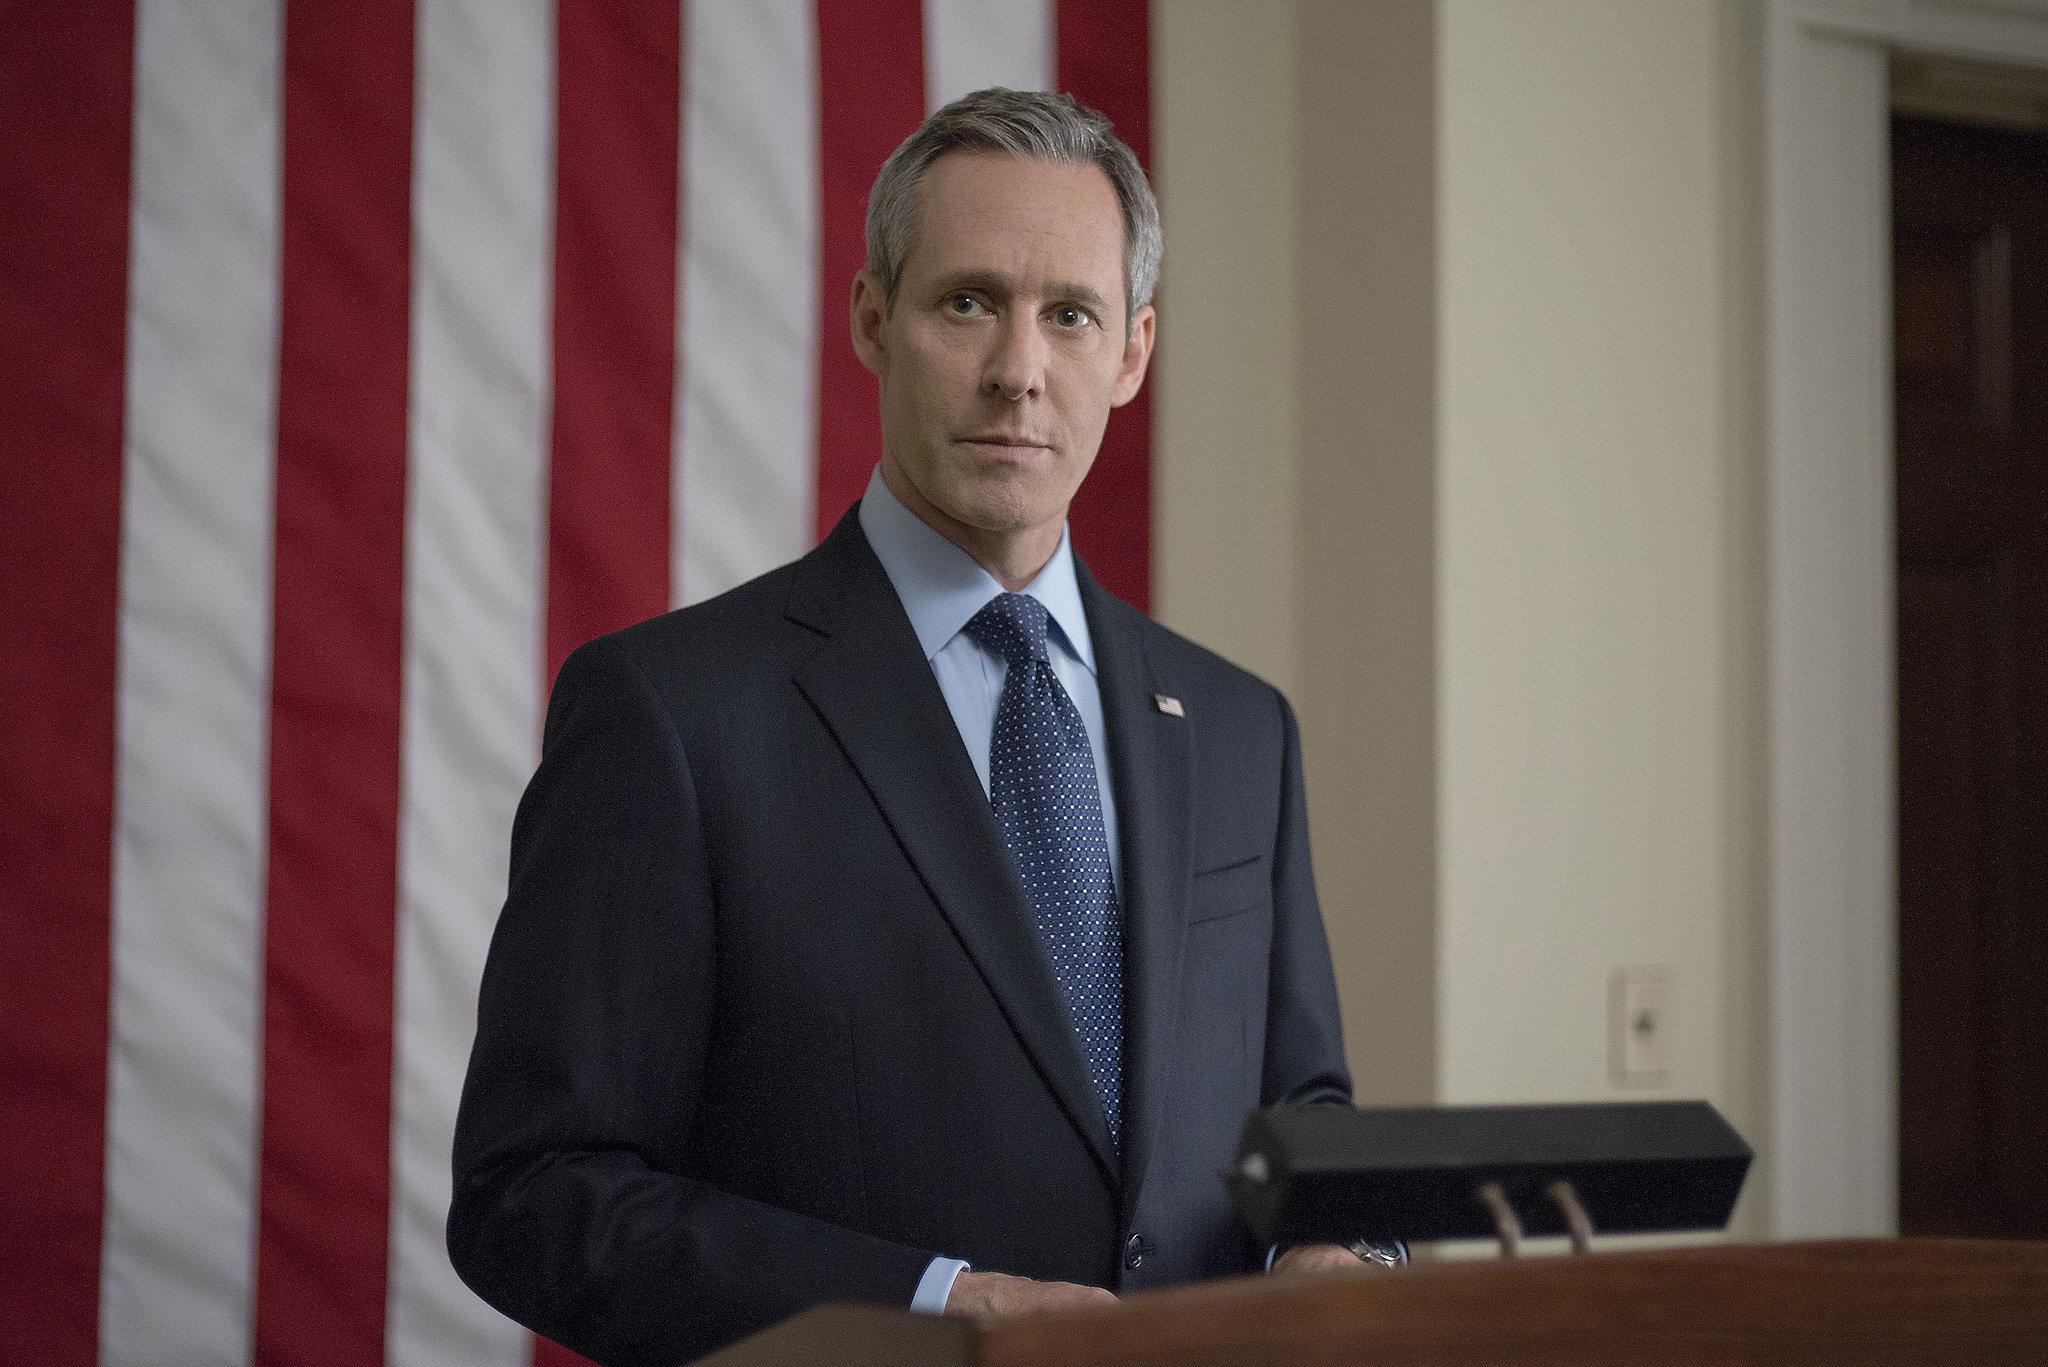 President Walker makes a speech on House of Cards. Source: Netflix